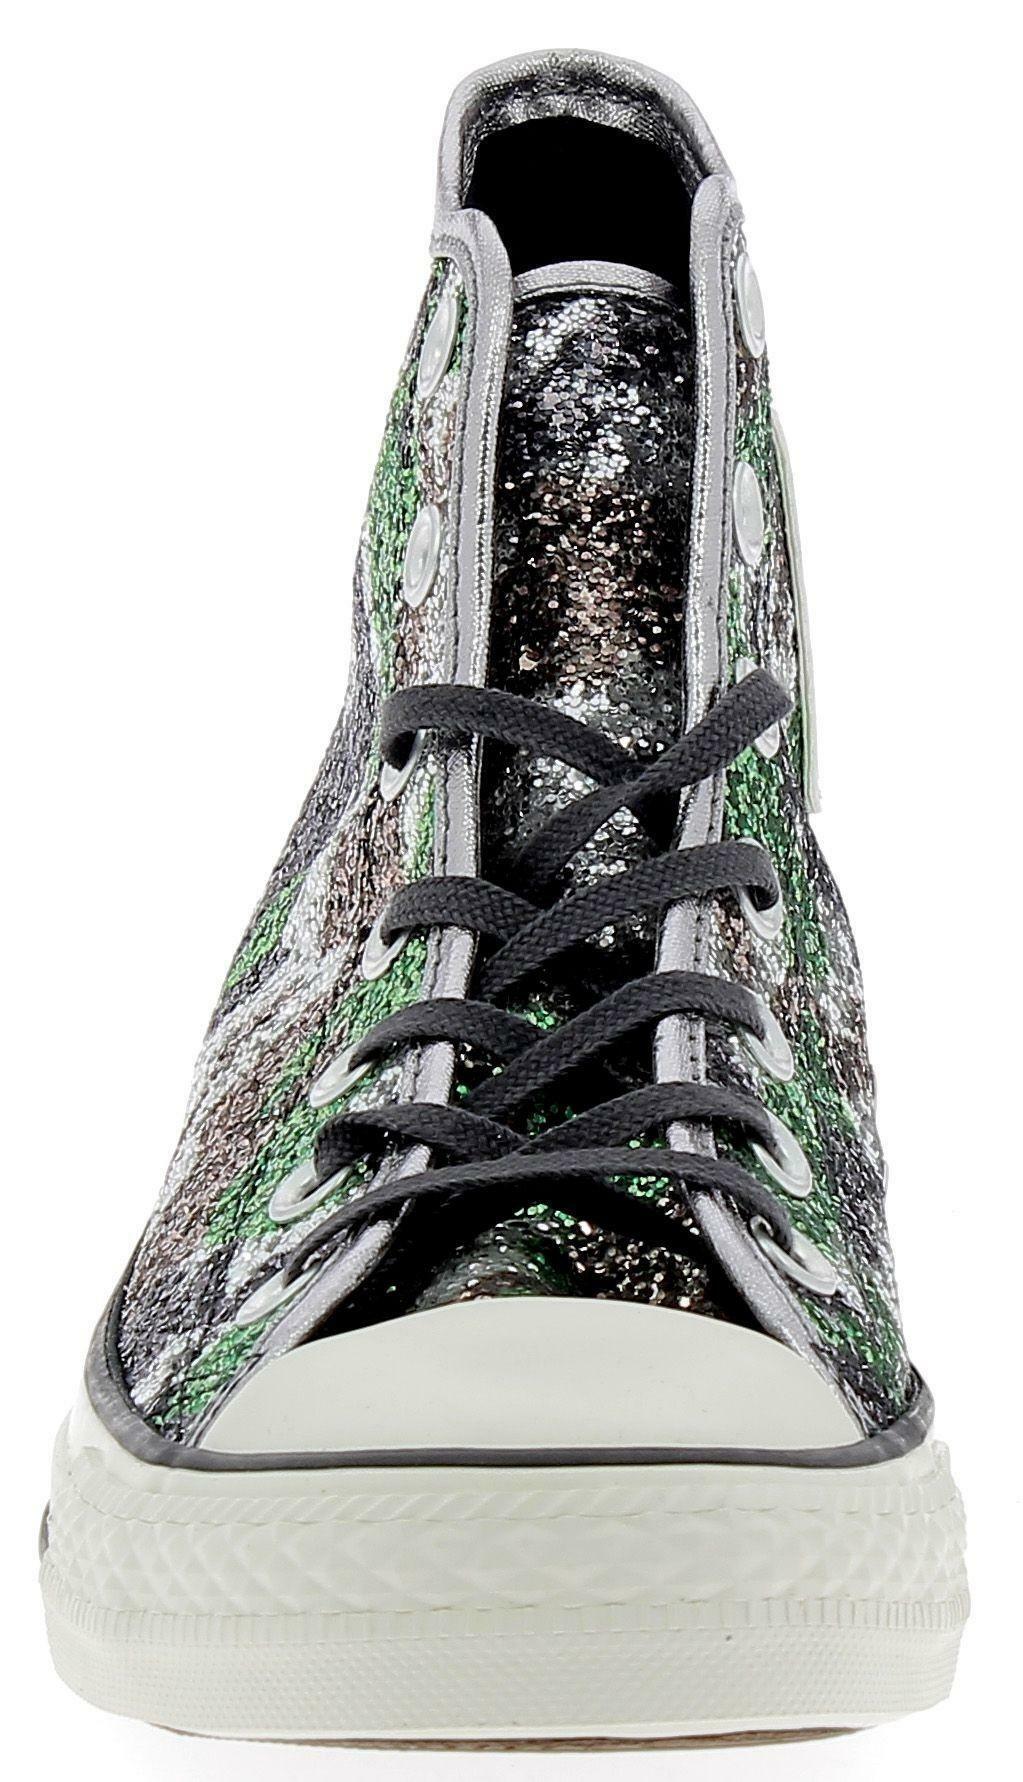 converse converse ctas hi scarpe sportive donna glitterate